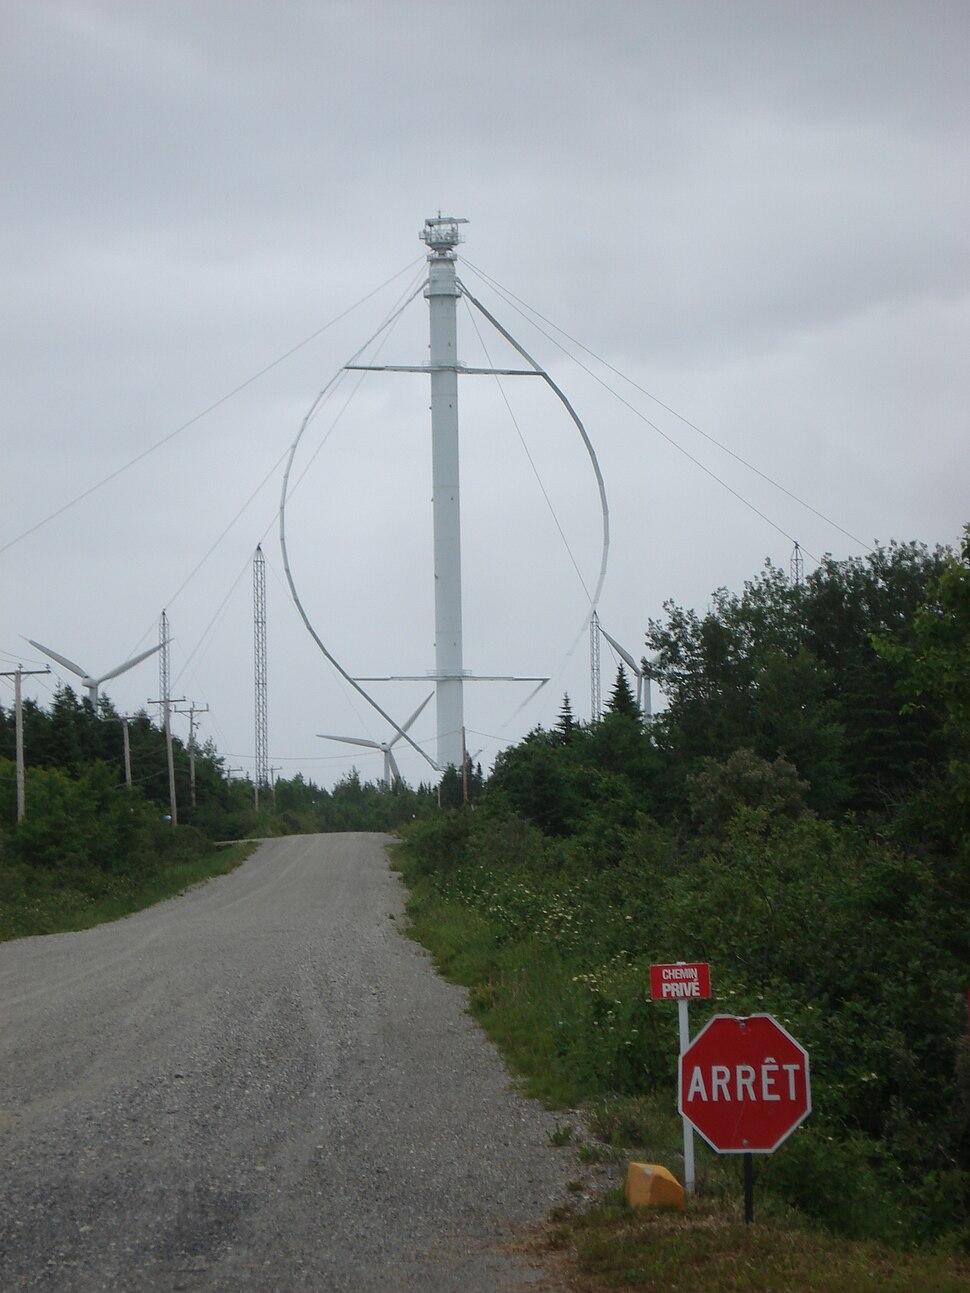 Quebecturbine